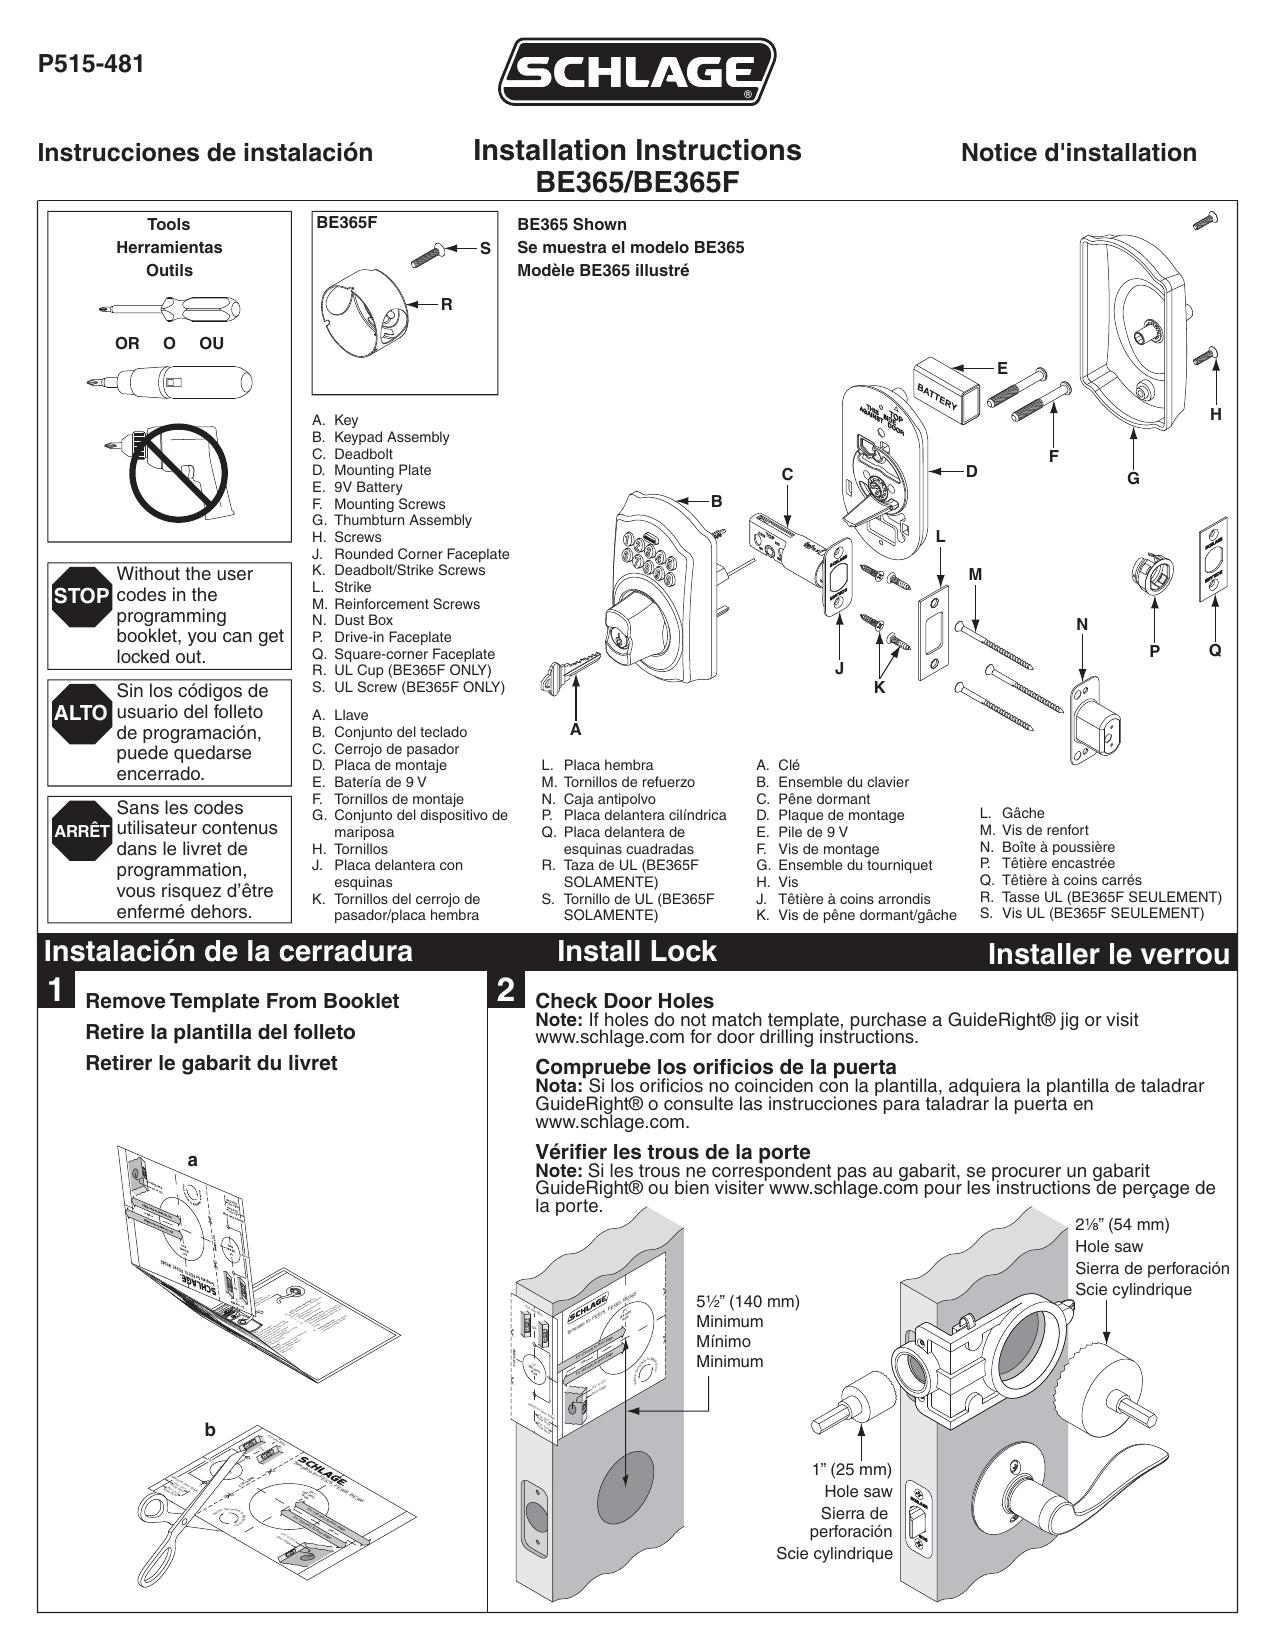 Schlage L Installation Instructions